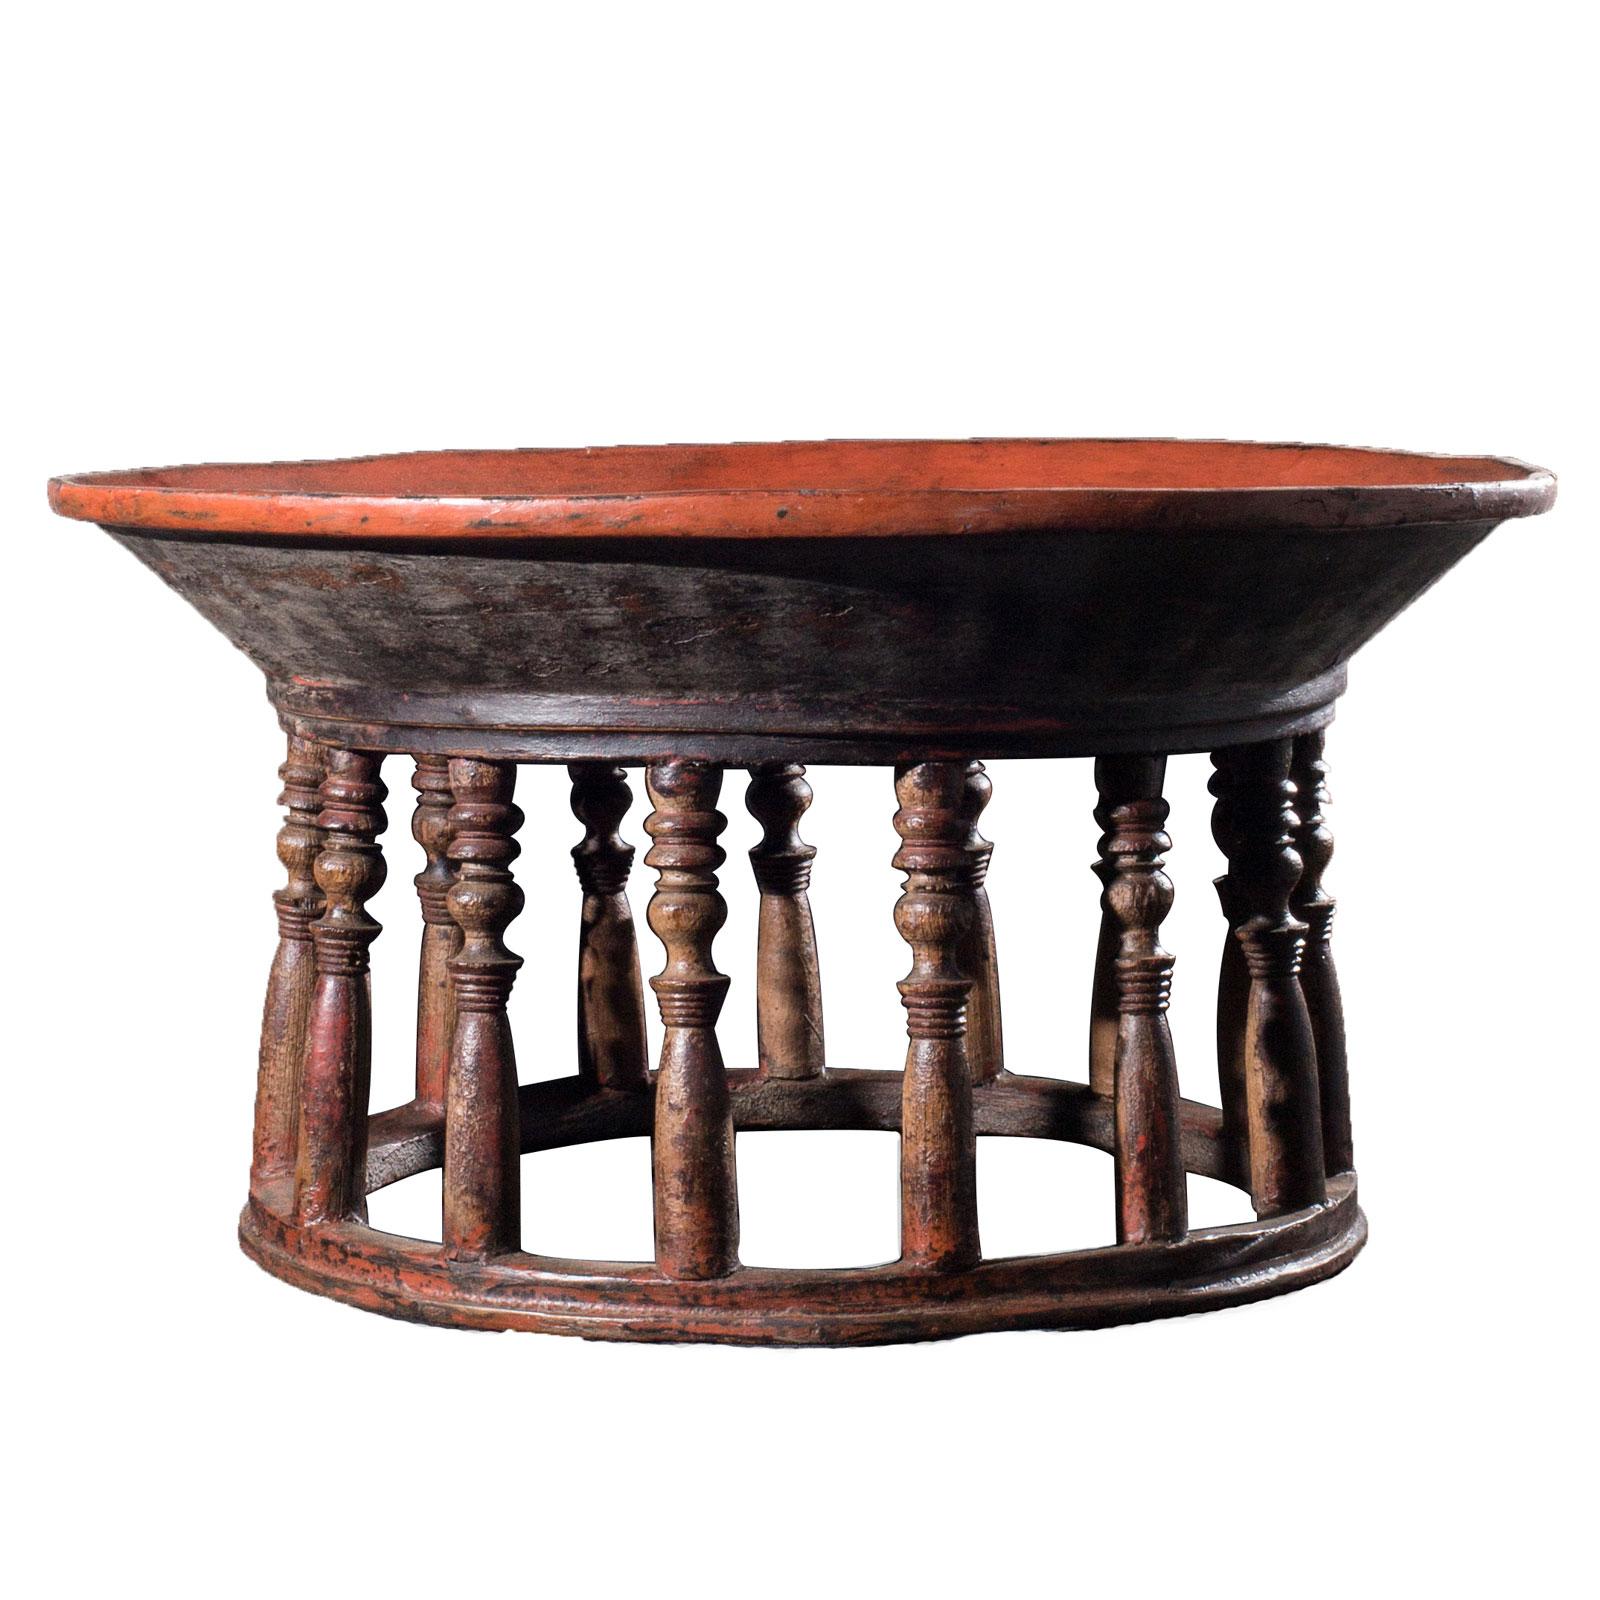 Daung lan table Oriental Spirit Gallery